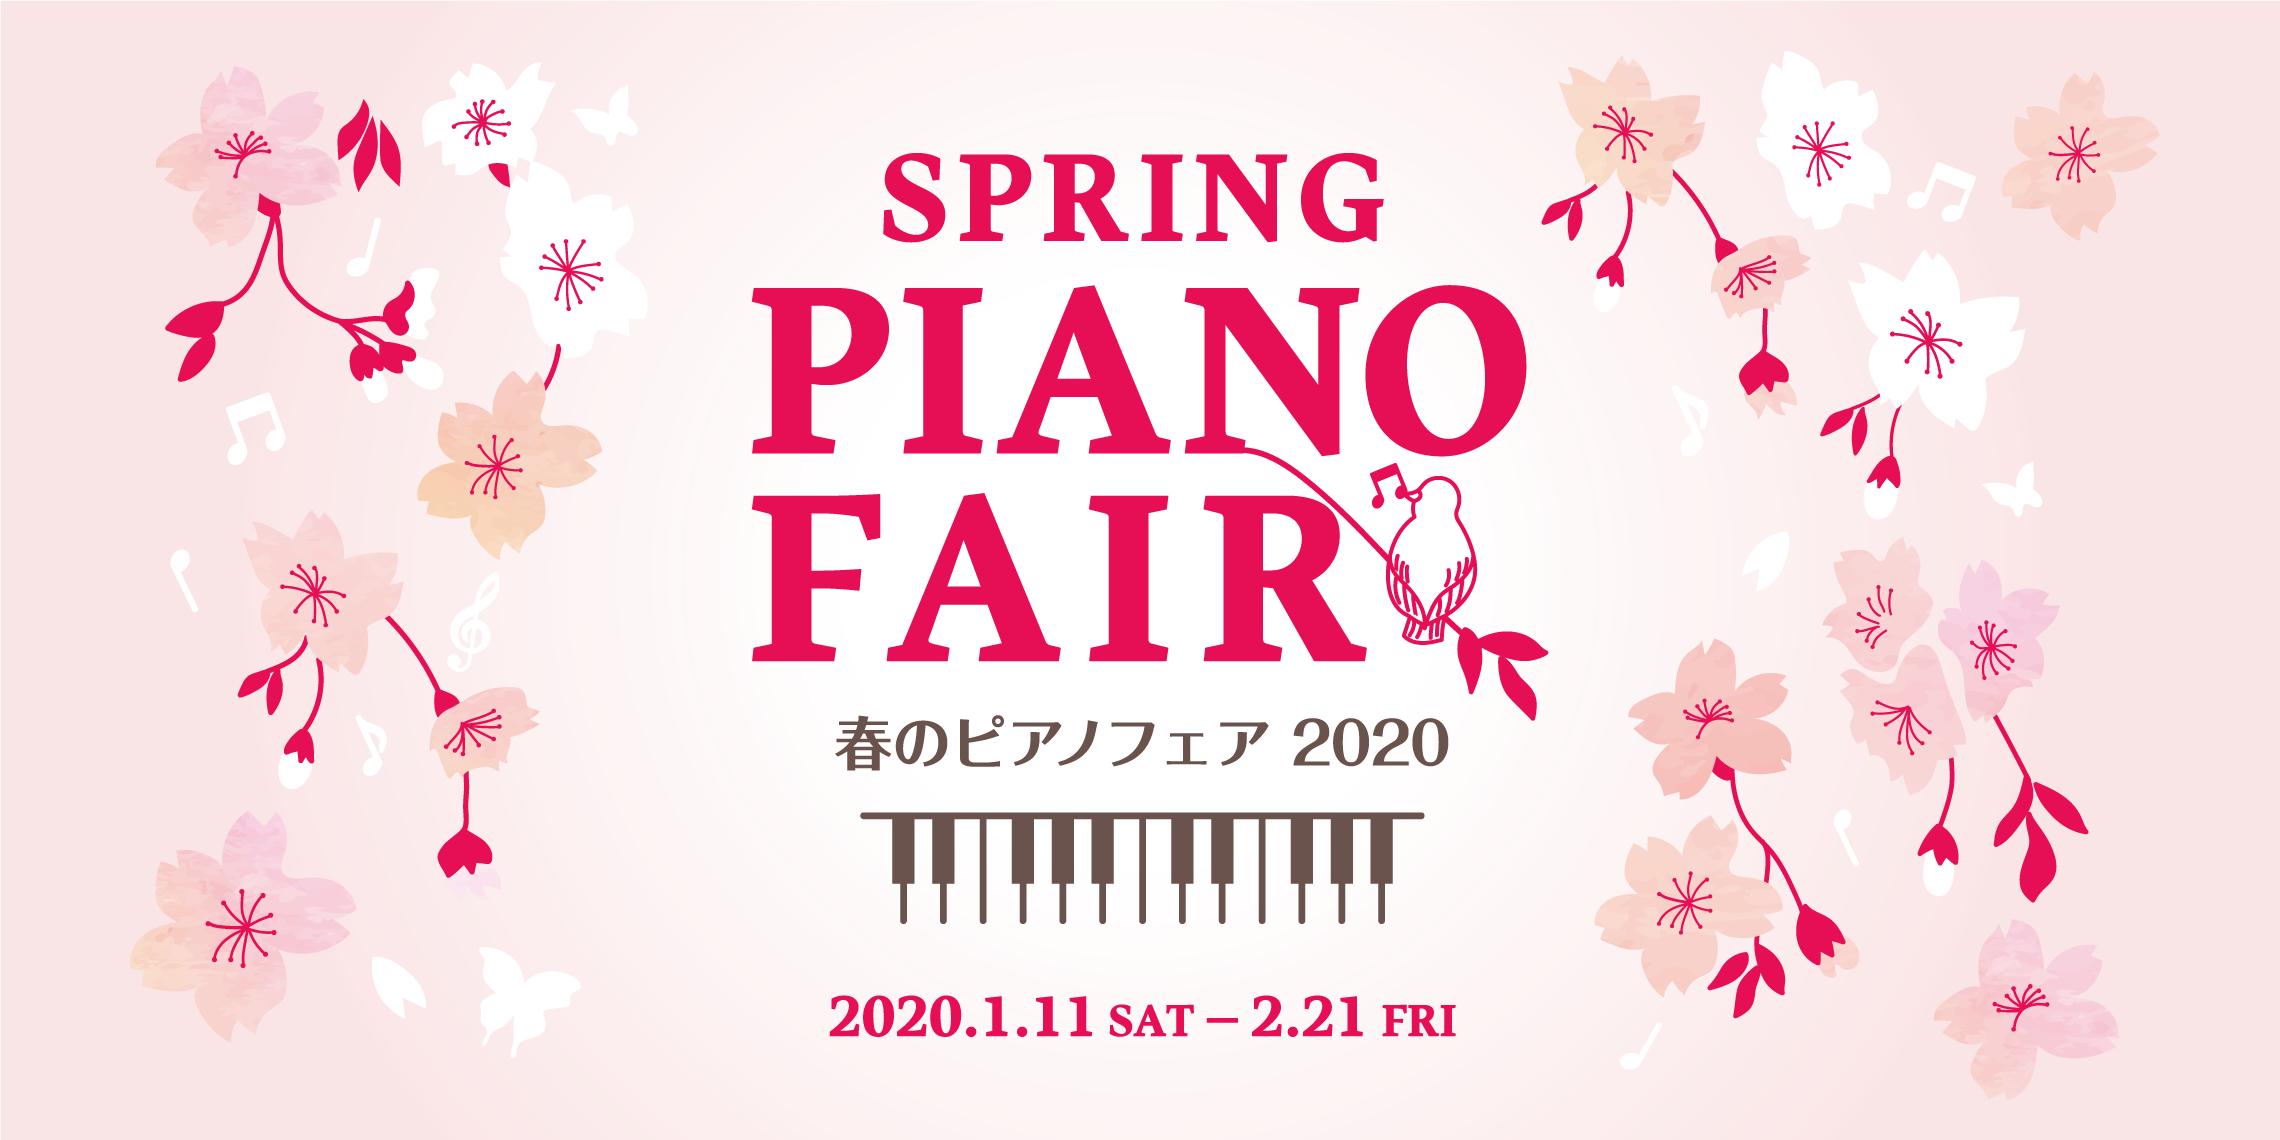 電子ピアノフェア 川口駅前 島村楽器 かわぐちキャスティ